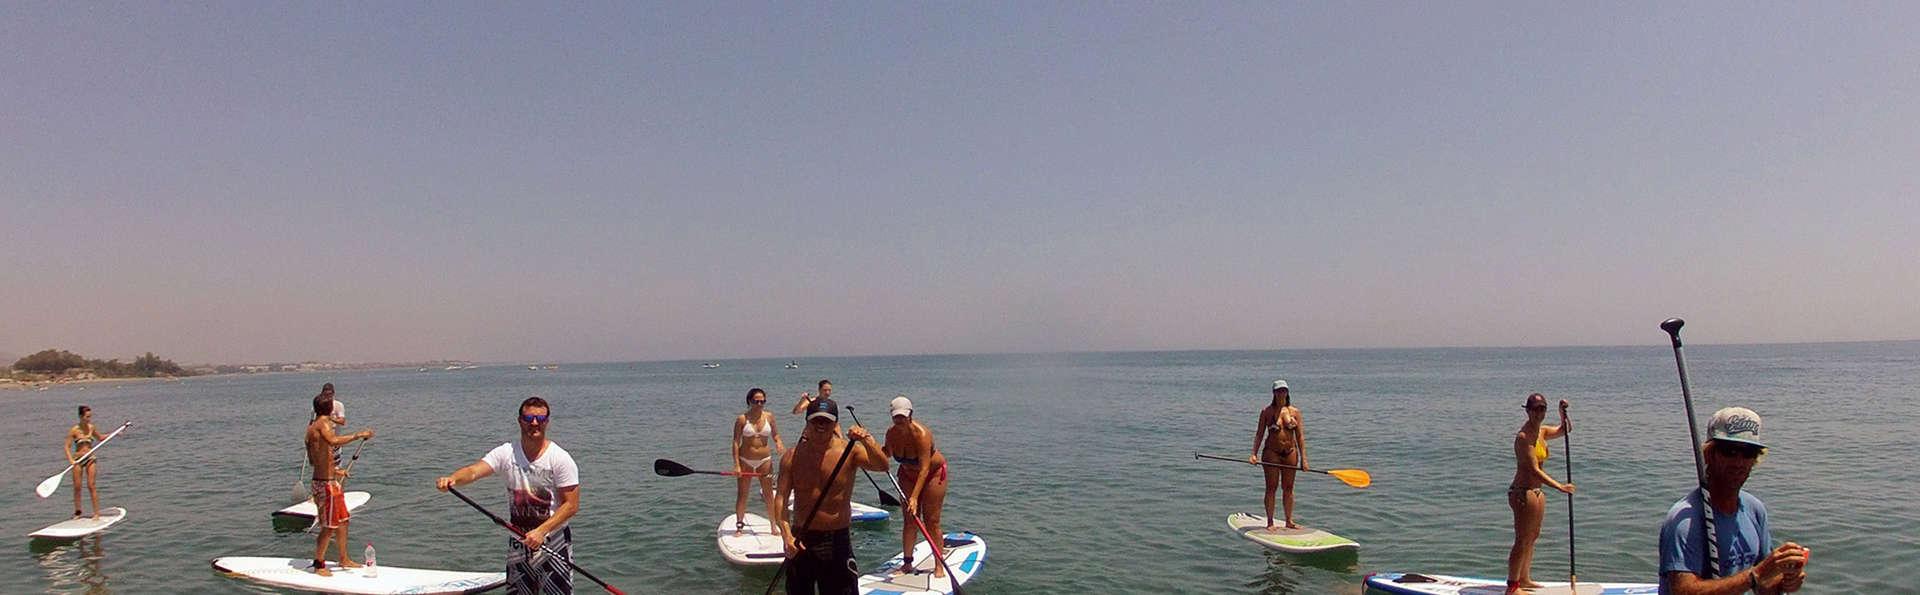 Escapade sportive avec le paddle surf en apartament de luxe à Estepona